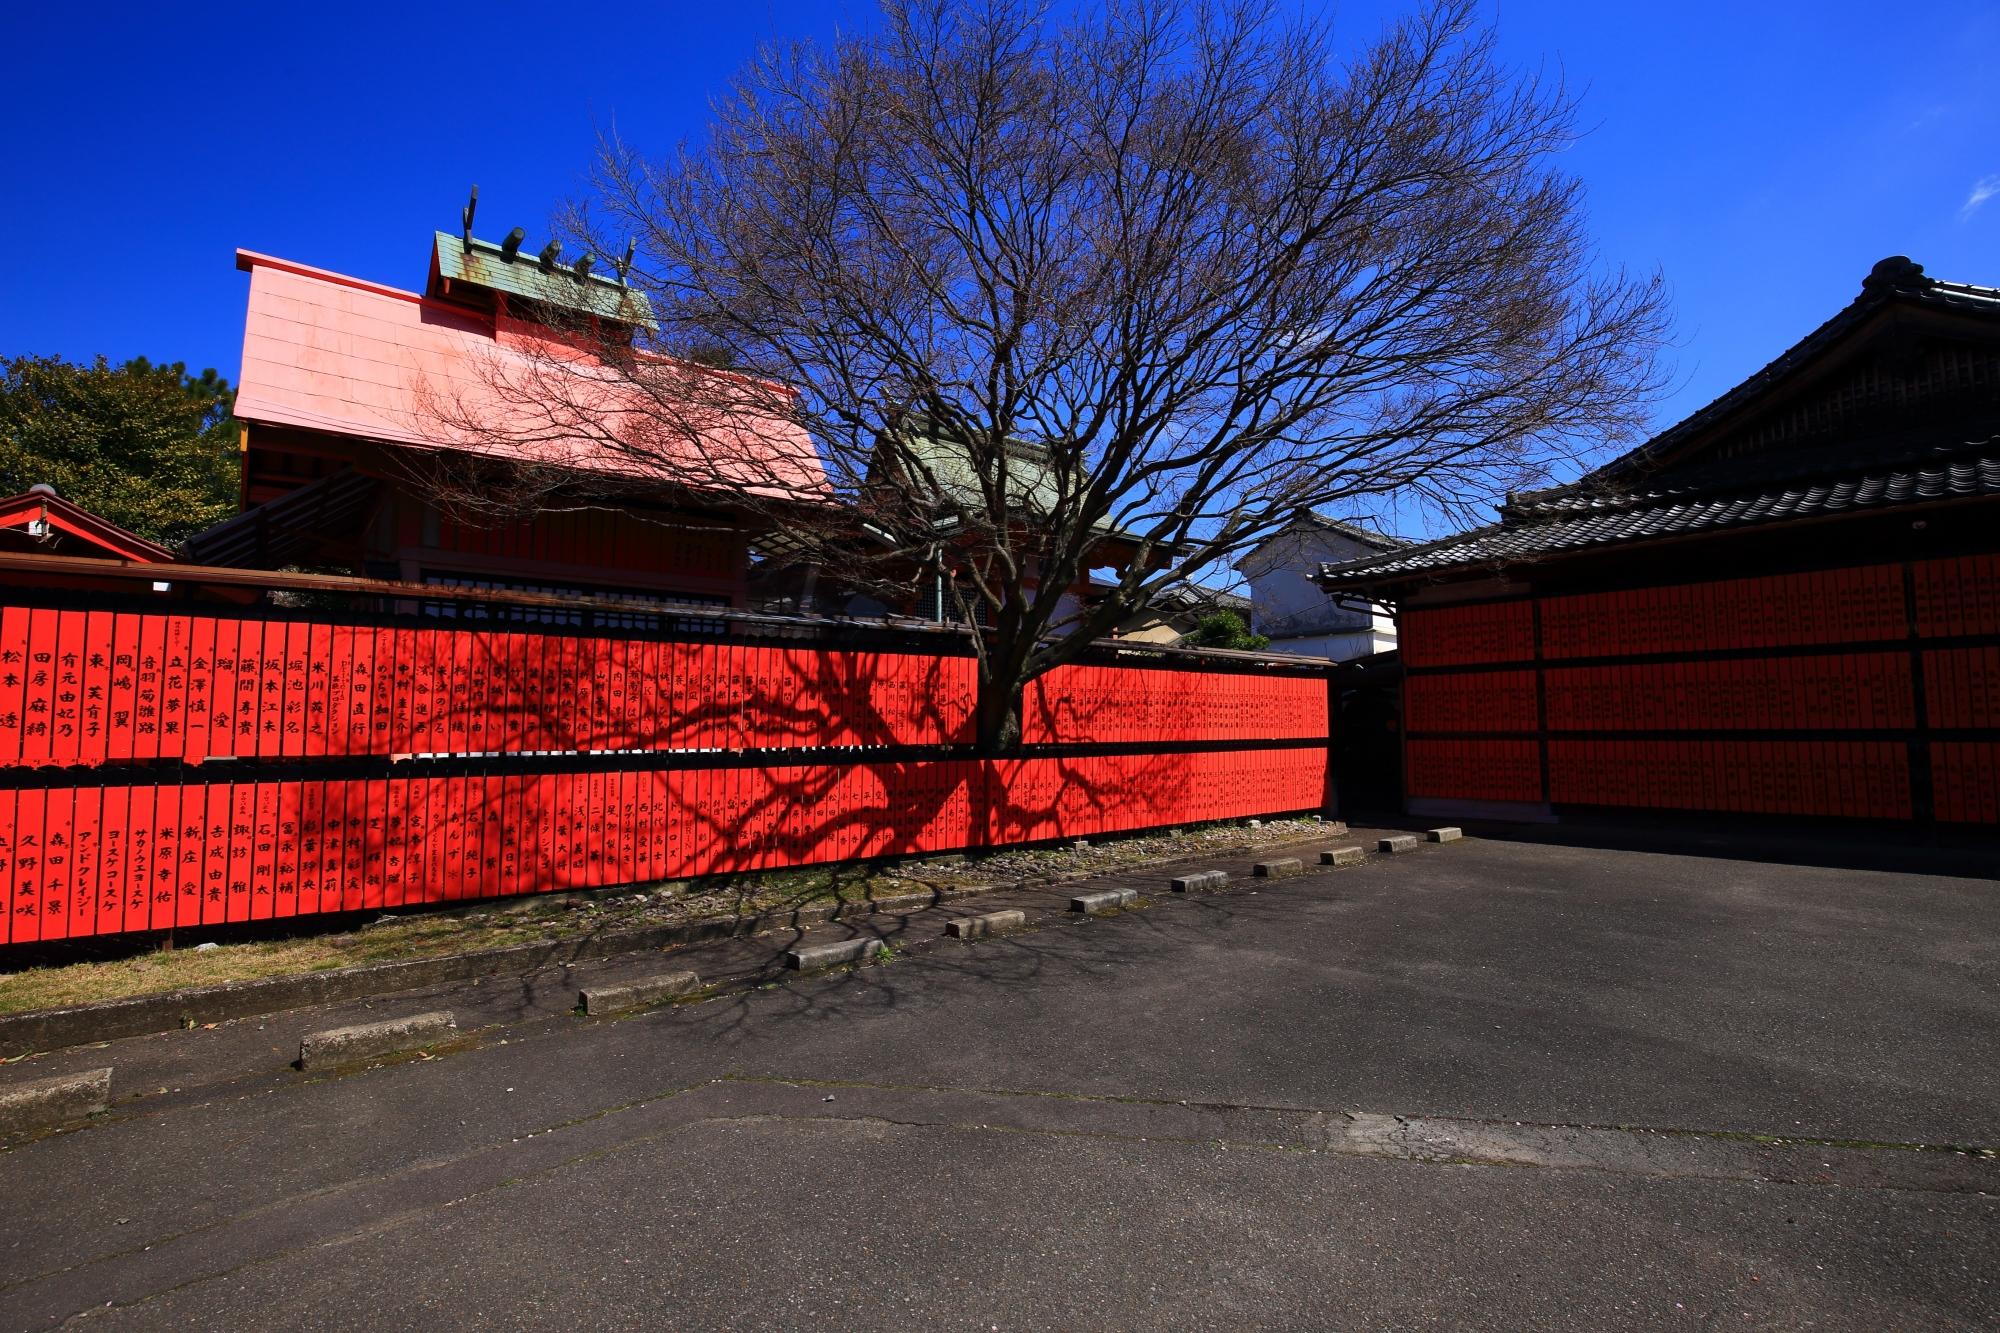 最高の青空に映えるずらりと並ぶ赤い玉垣